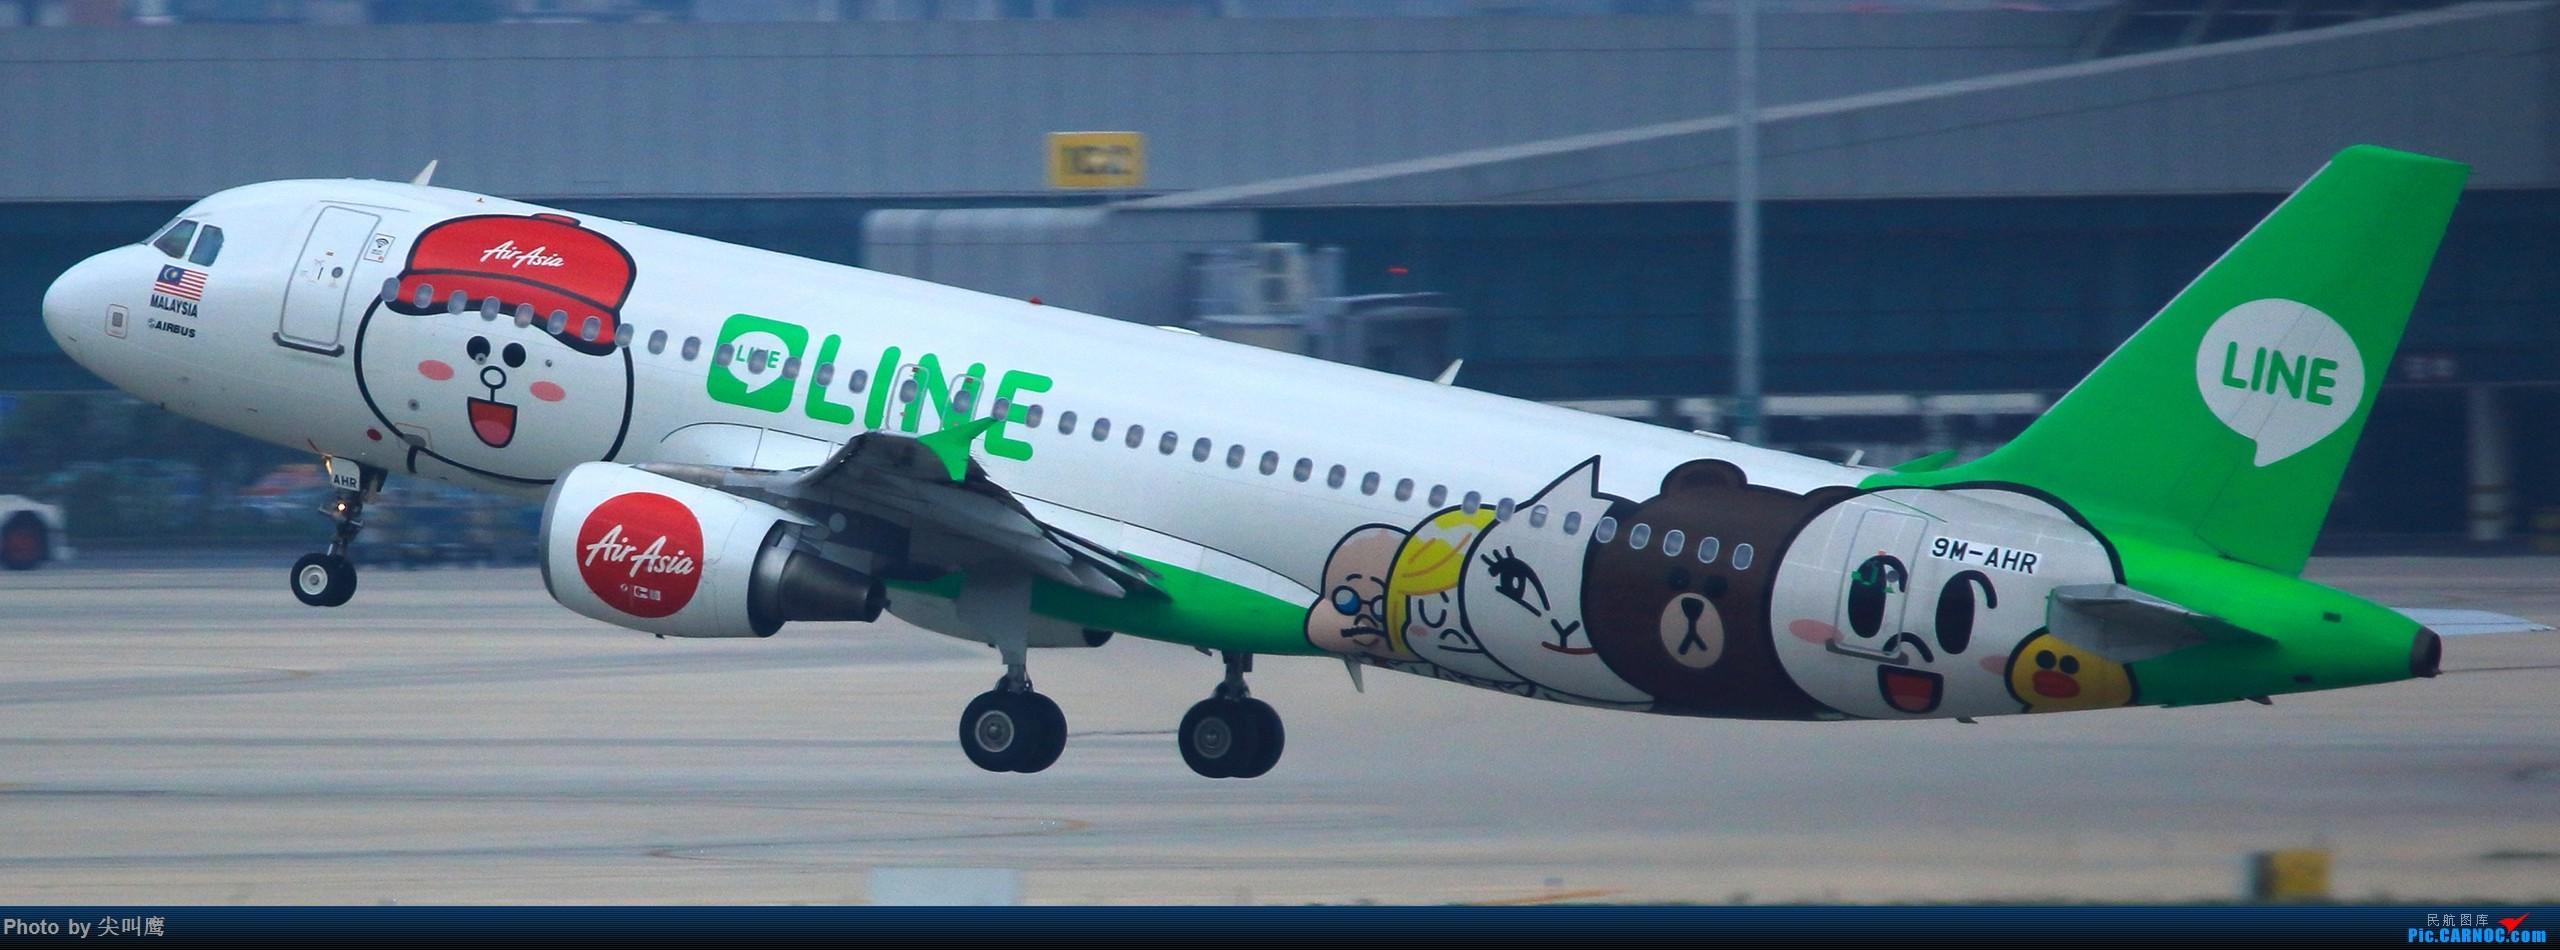 Re:[原创]NNG的亚航小合集 AIRBUS A320 9M-AHR 中国南宁吴圩国际机场